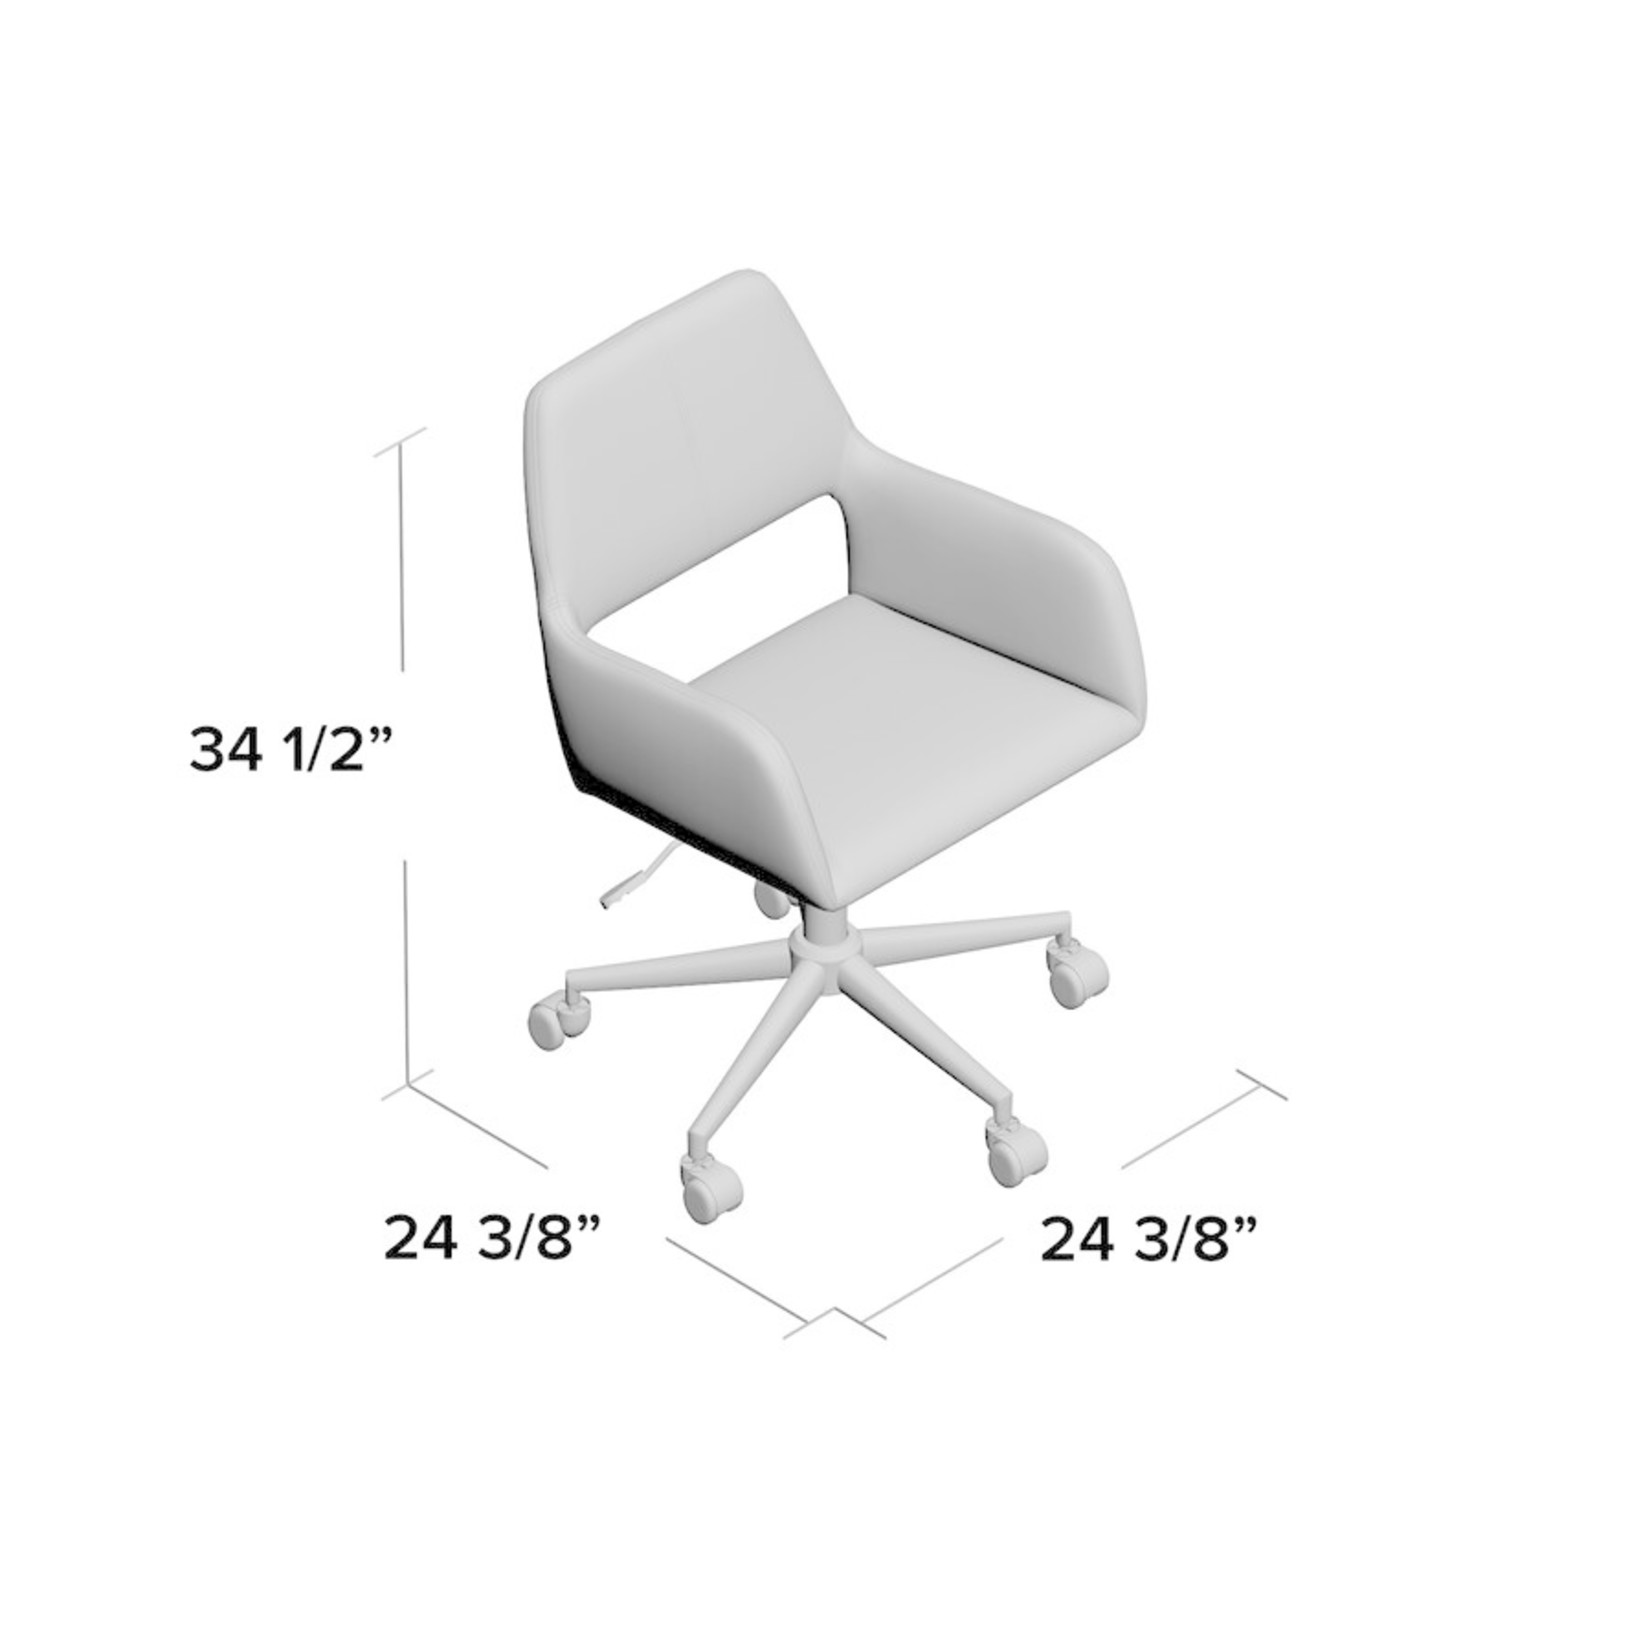 *Elliana Velvet Task Chair - Slight Damage On Seat